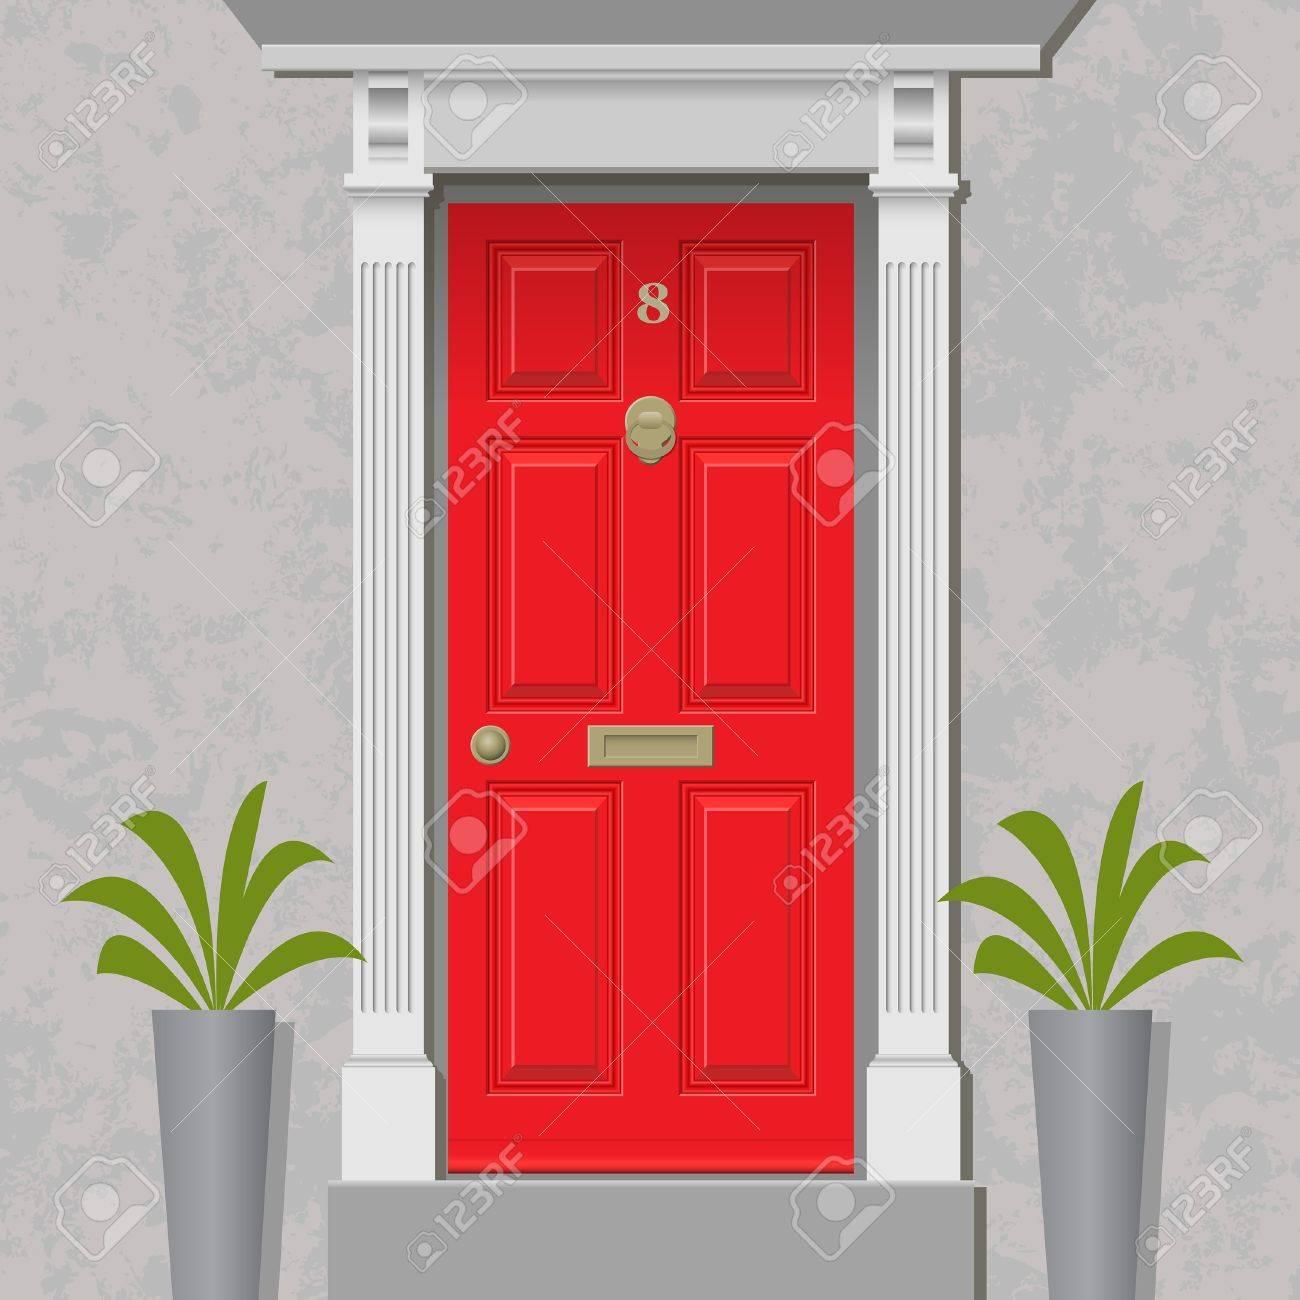 Ein Old Style Haustür Rot Mit Messing Lizenzfrei Nutzbare